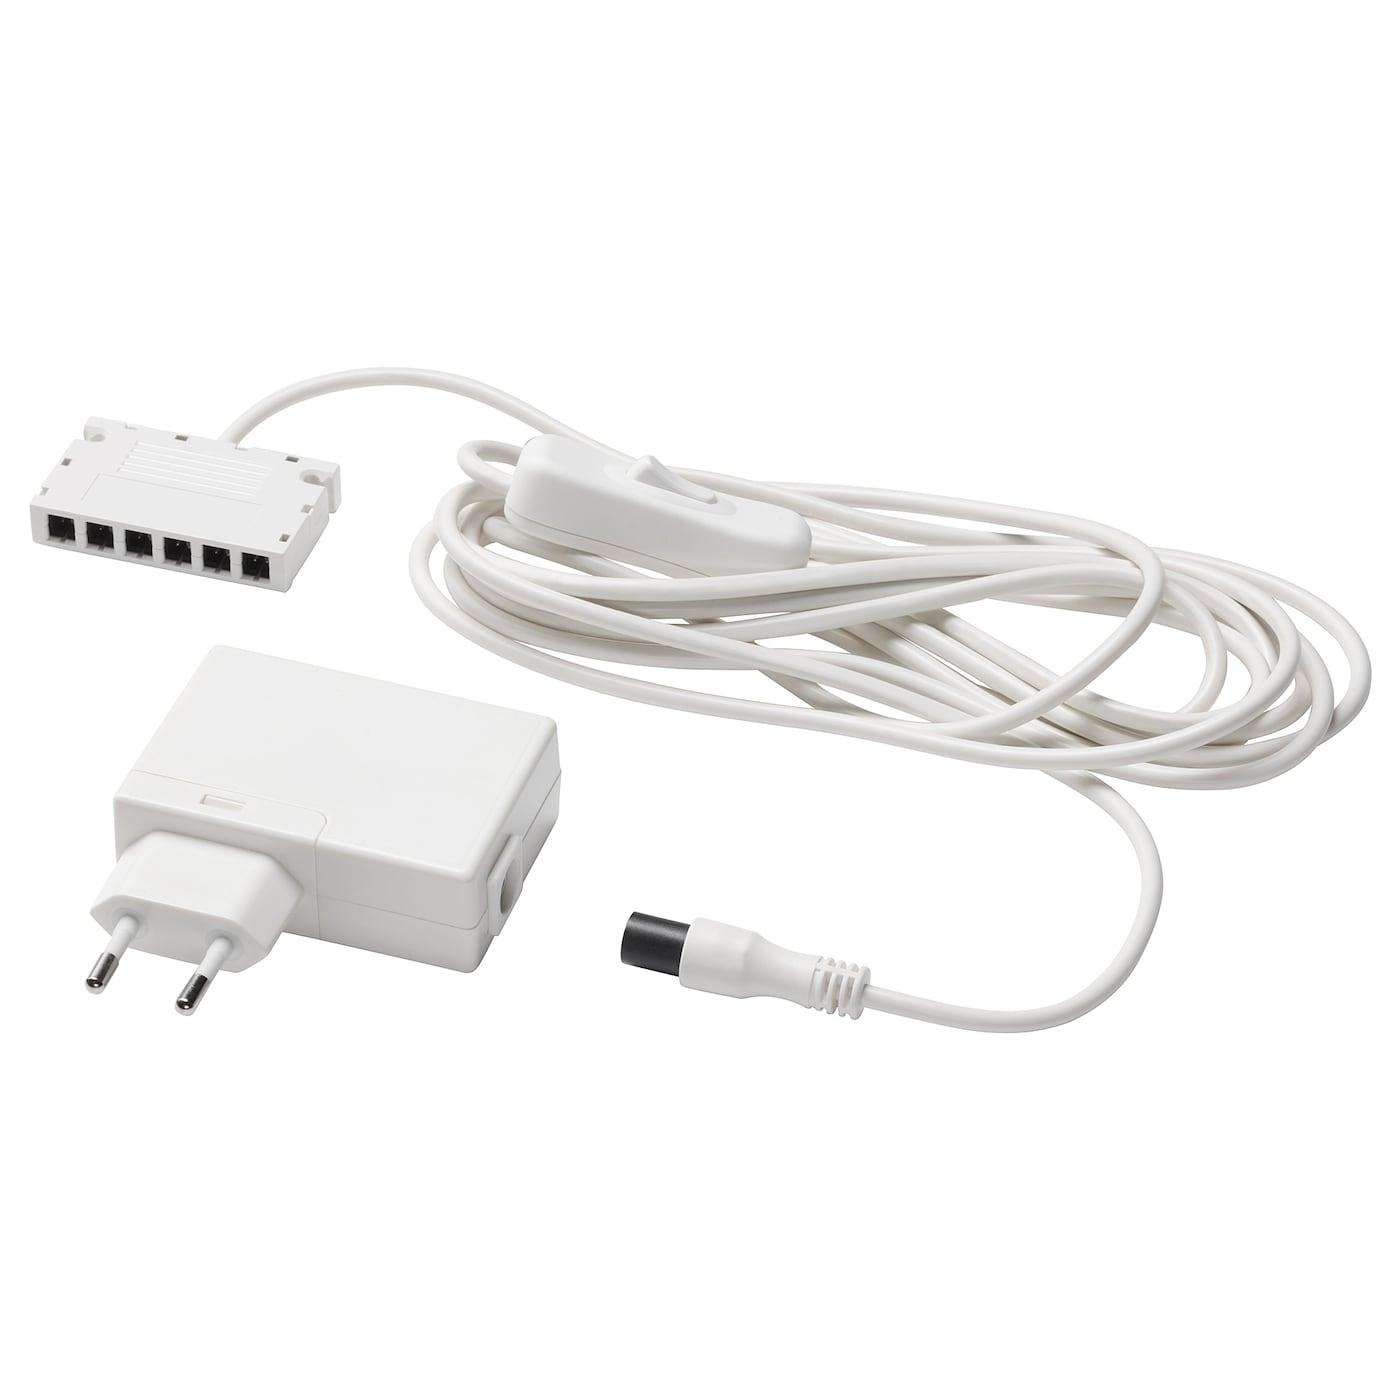 ANSLUTA | Baumarkt > Elektroinstallation > Weitere-Kabel | Weiß | IKEA